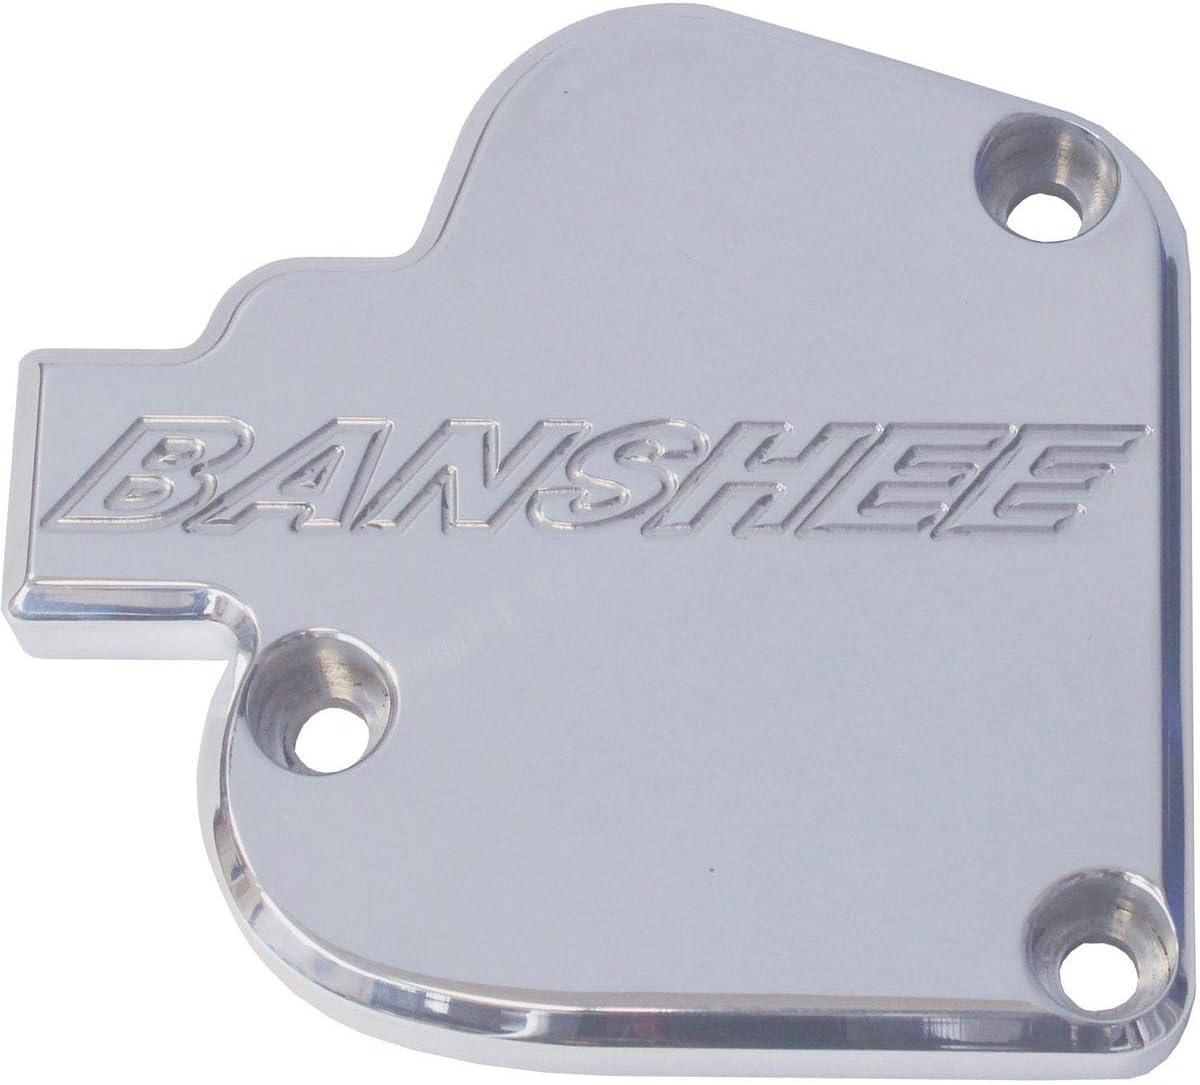 Black Yamaha Banshee//Blaster ModQuad Billet Aluminum Thumb Throttle